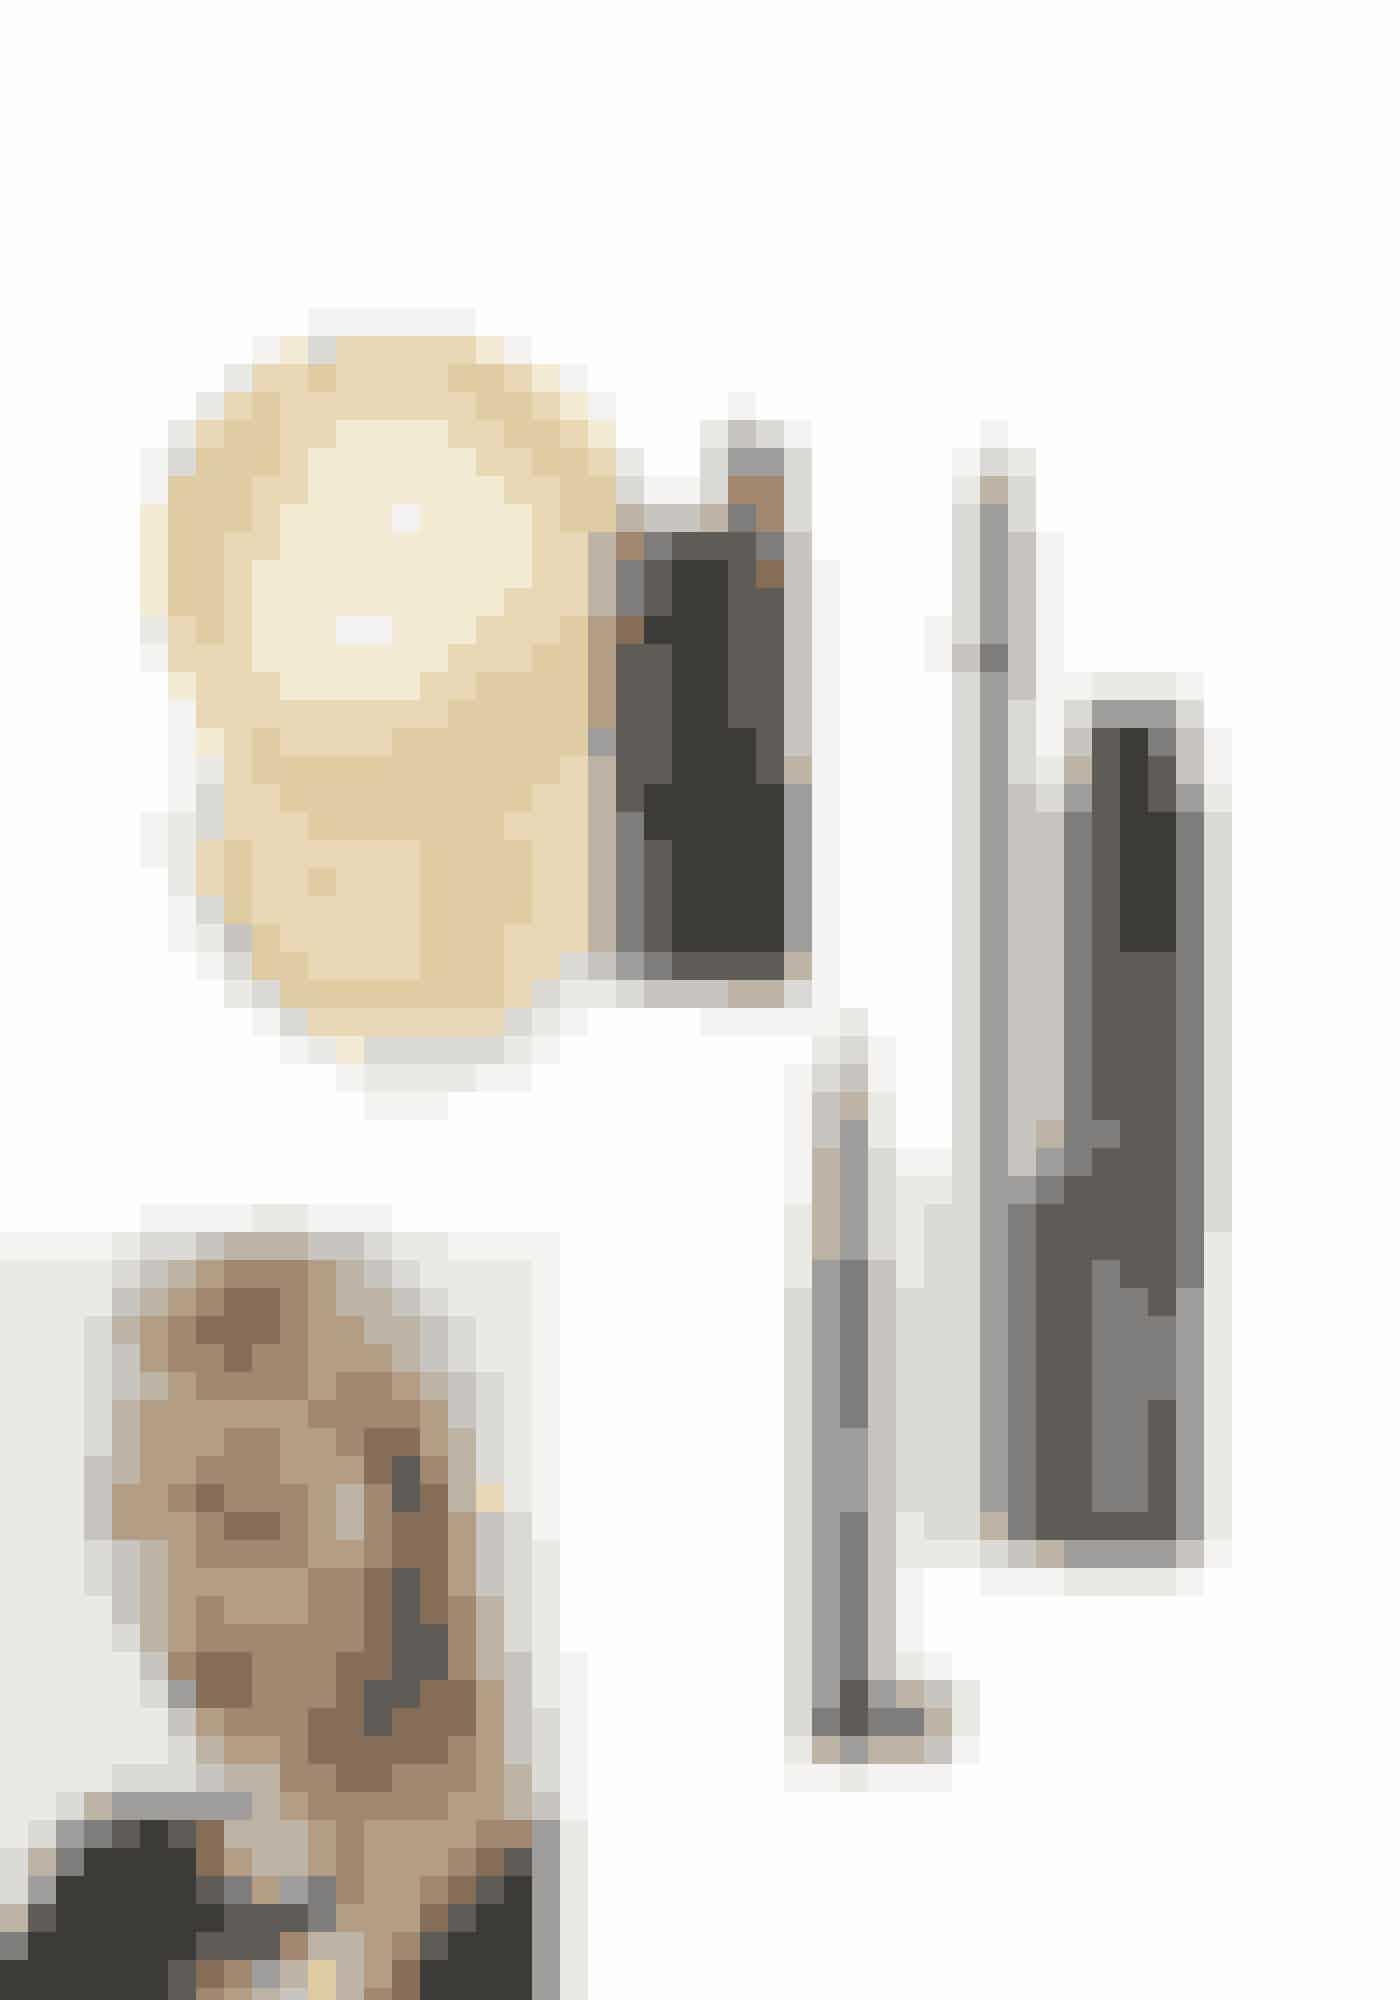 Klassisk katGolden Glow Loose Powder, Diorific, 444 kr. Købes online HERPlush Up Lip Gelato, Elizabeth Arden, 220 kr. Købes online HERFlydende eyeliner, Signature de Chanel, 320 kr. Købes online HERHigh Impact Lash Elevating Mascara, Clinique, 150 kr. Købes online HER